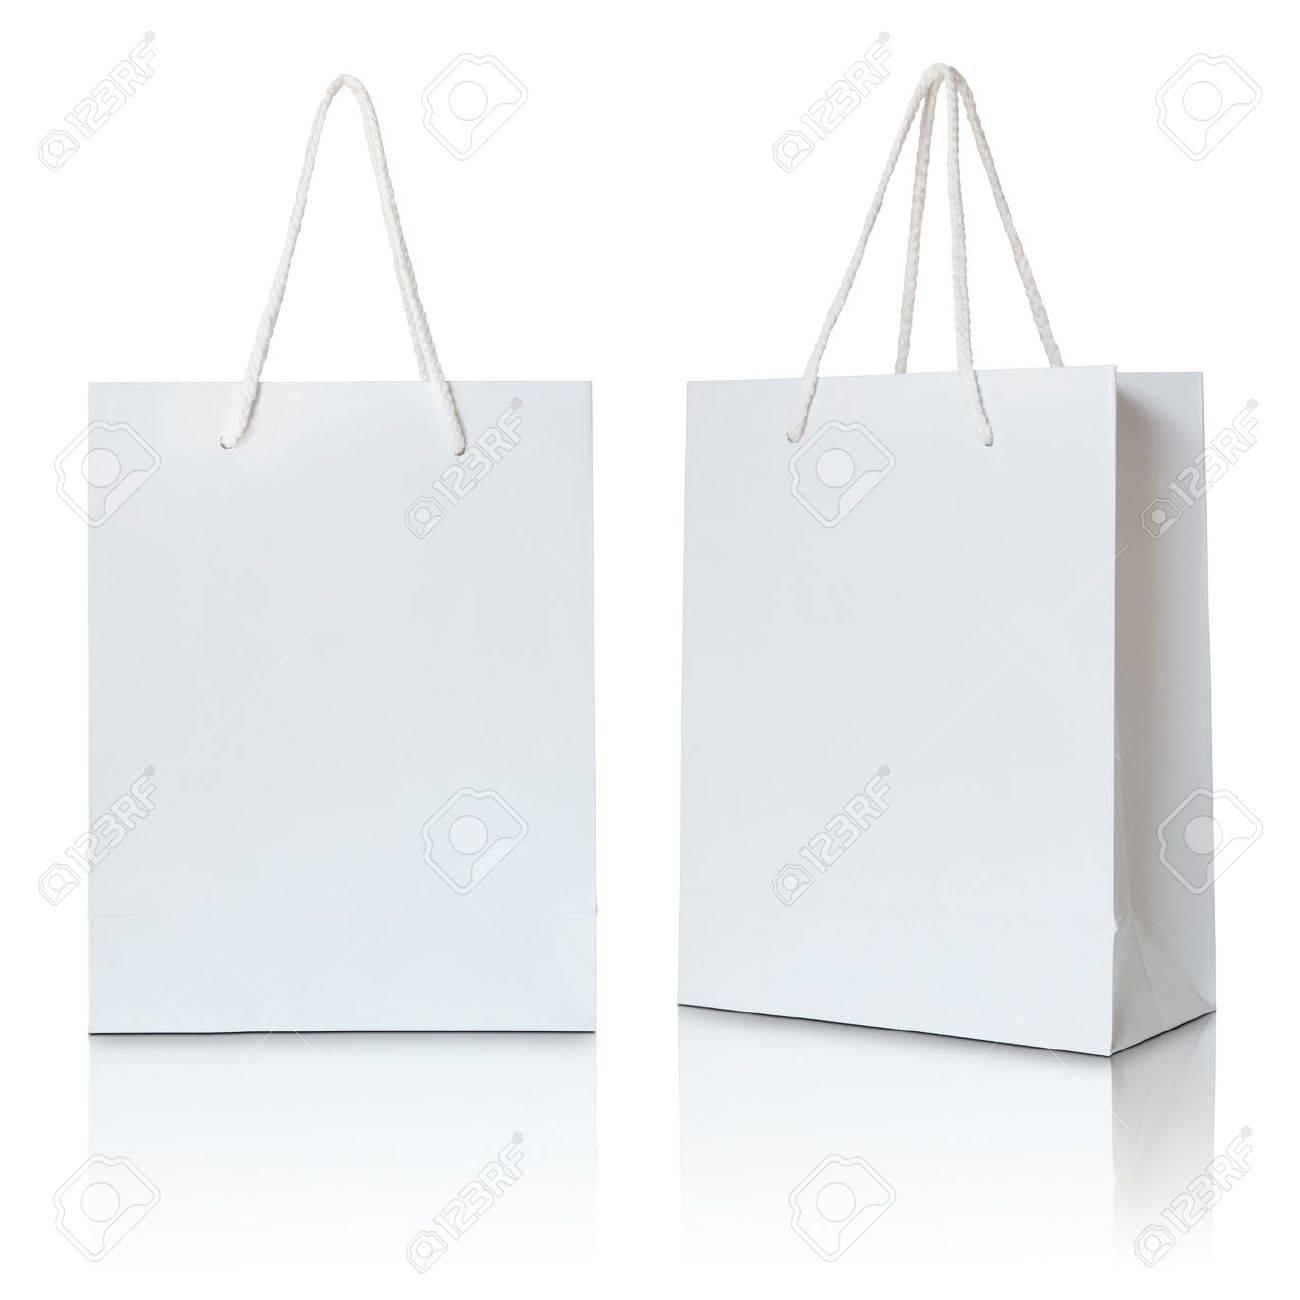 white paper bag on white background - 32511028